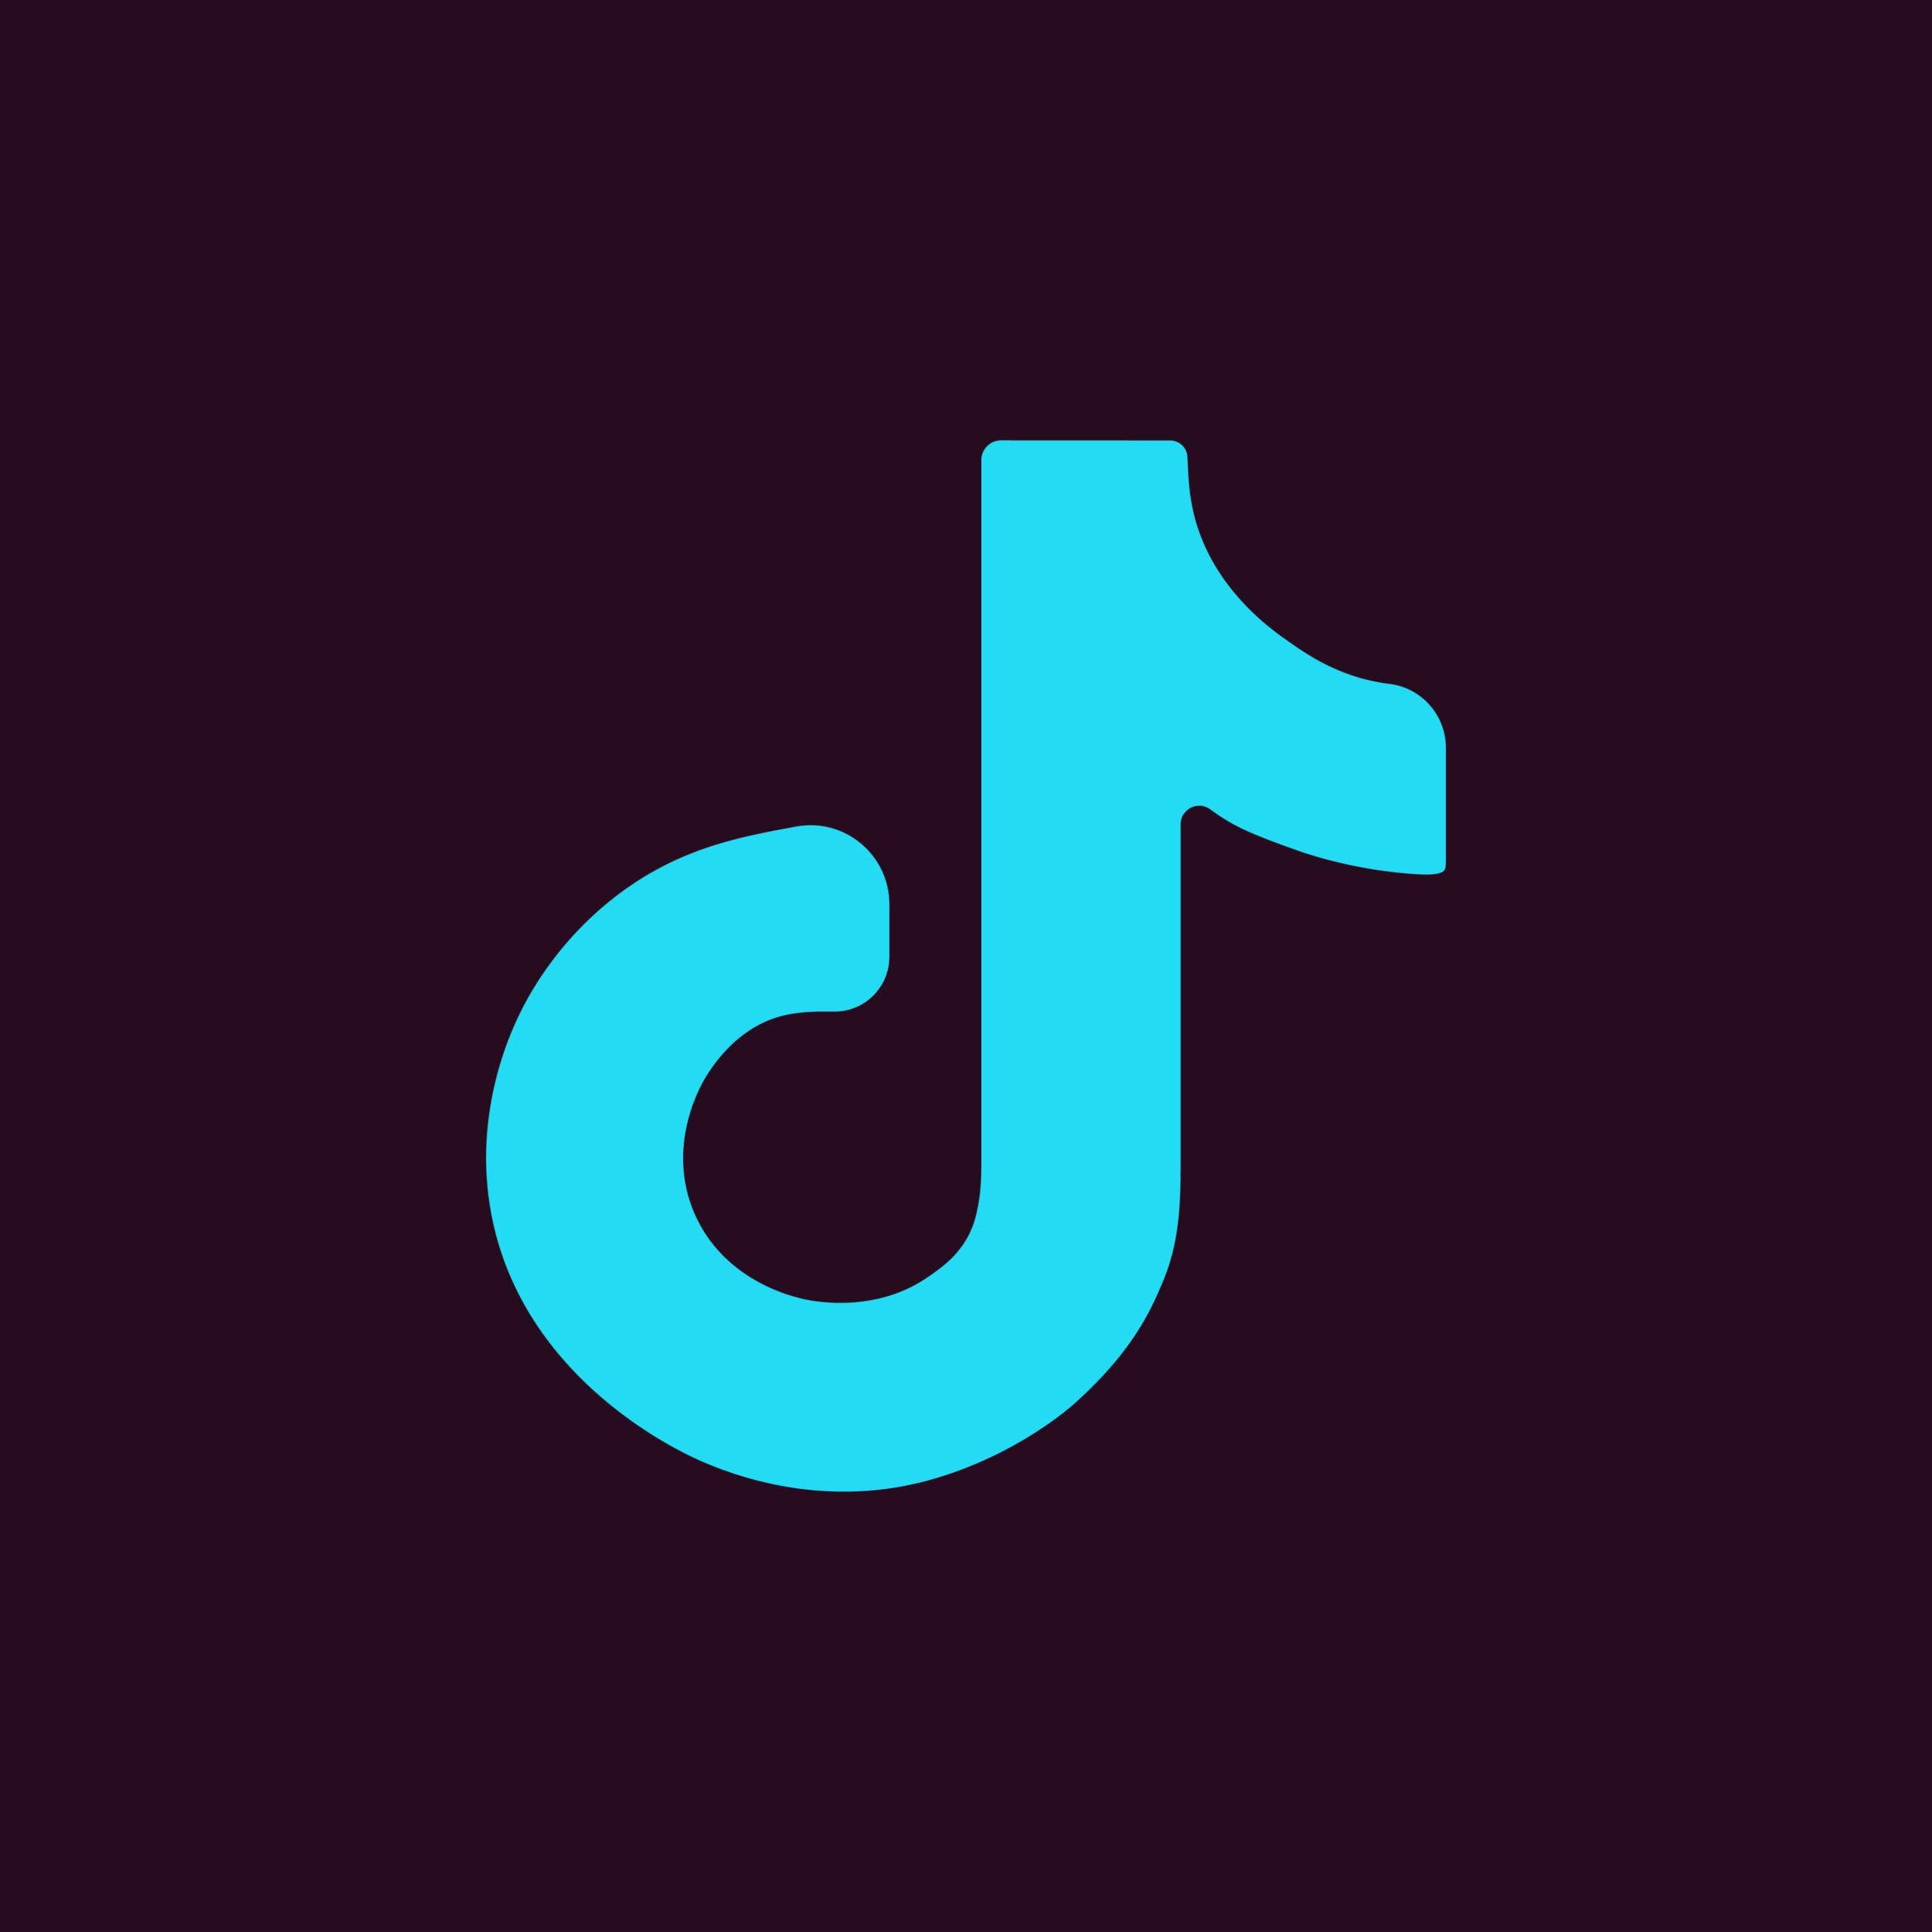 ¿Es TikTok la red social más de moda en la actualidad?